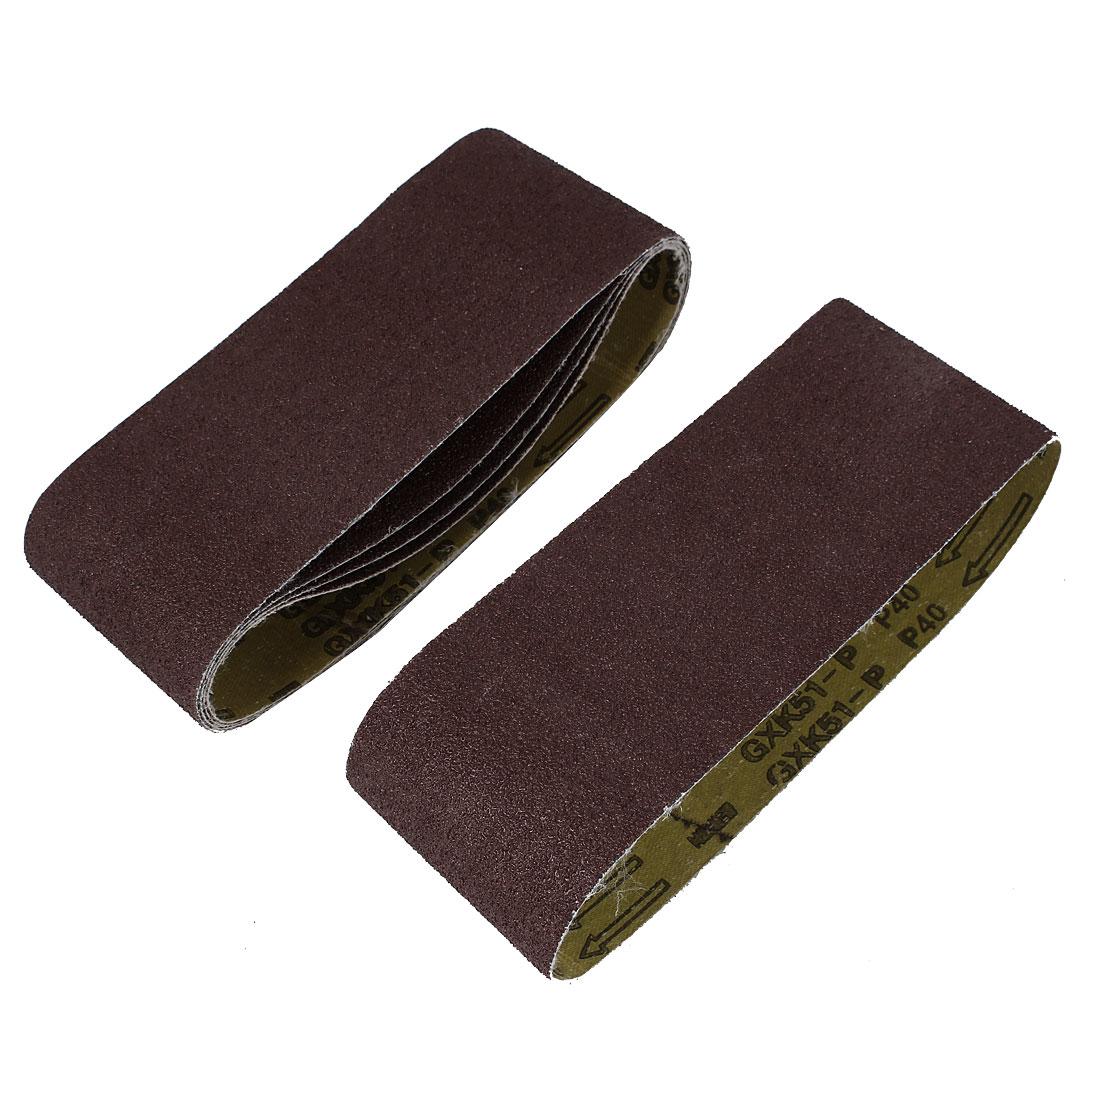 Sander Polishing Machine 610x100mm 40 Grit Brushed Abrasive Sanding Belt Sandpaper 5pcs